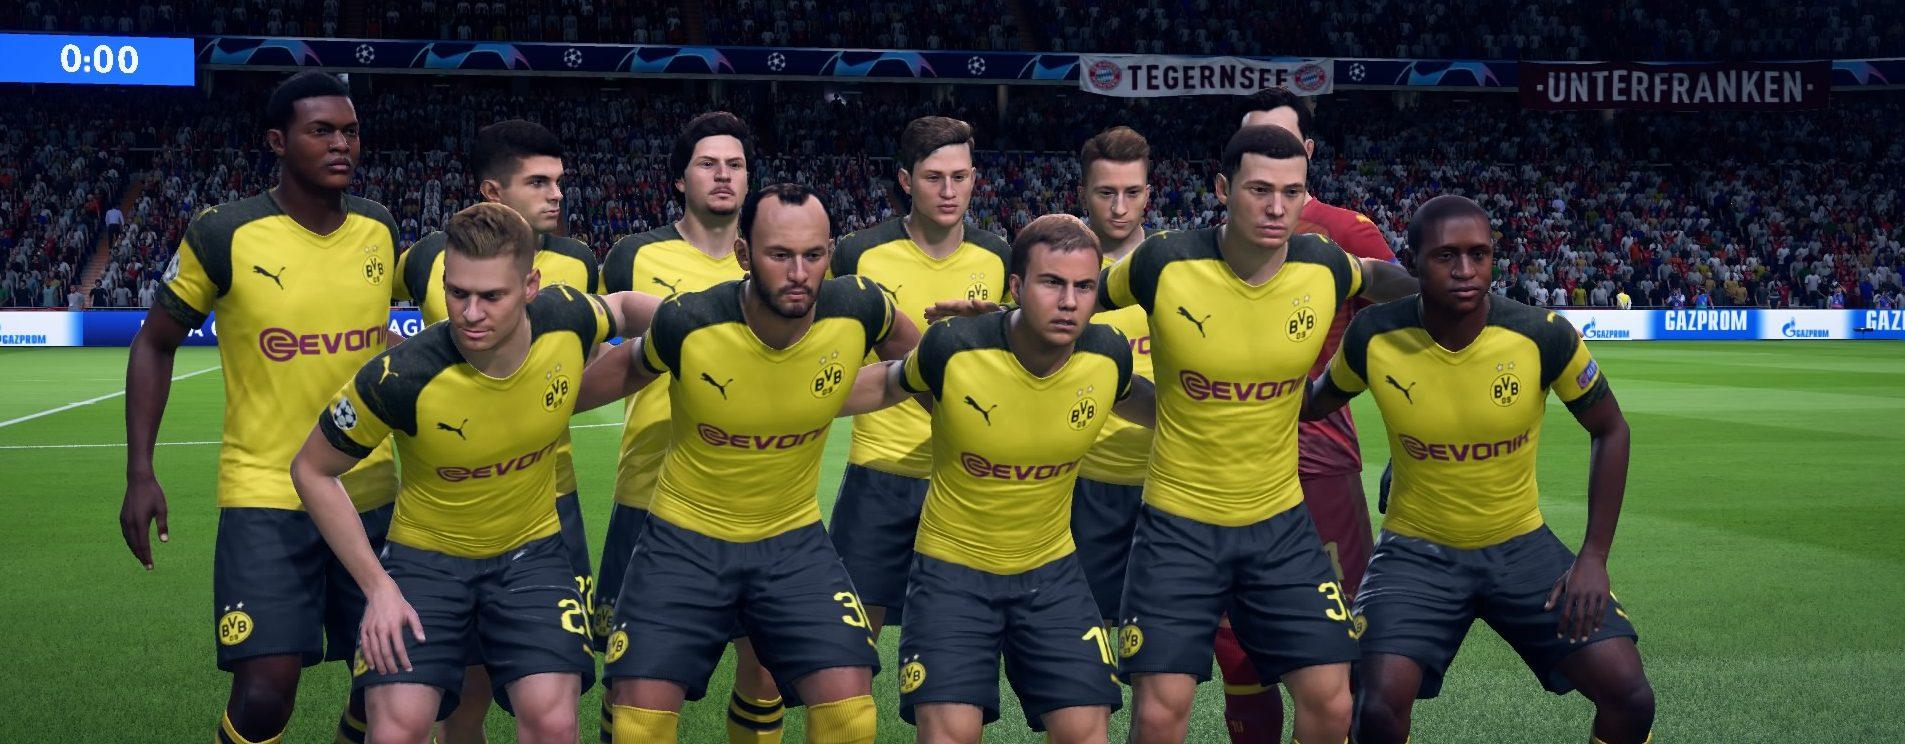 FIFA 19 TOTW 32: Die Predictions zum Team der Woche – mit Reus